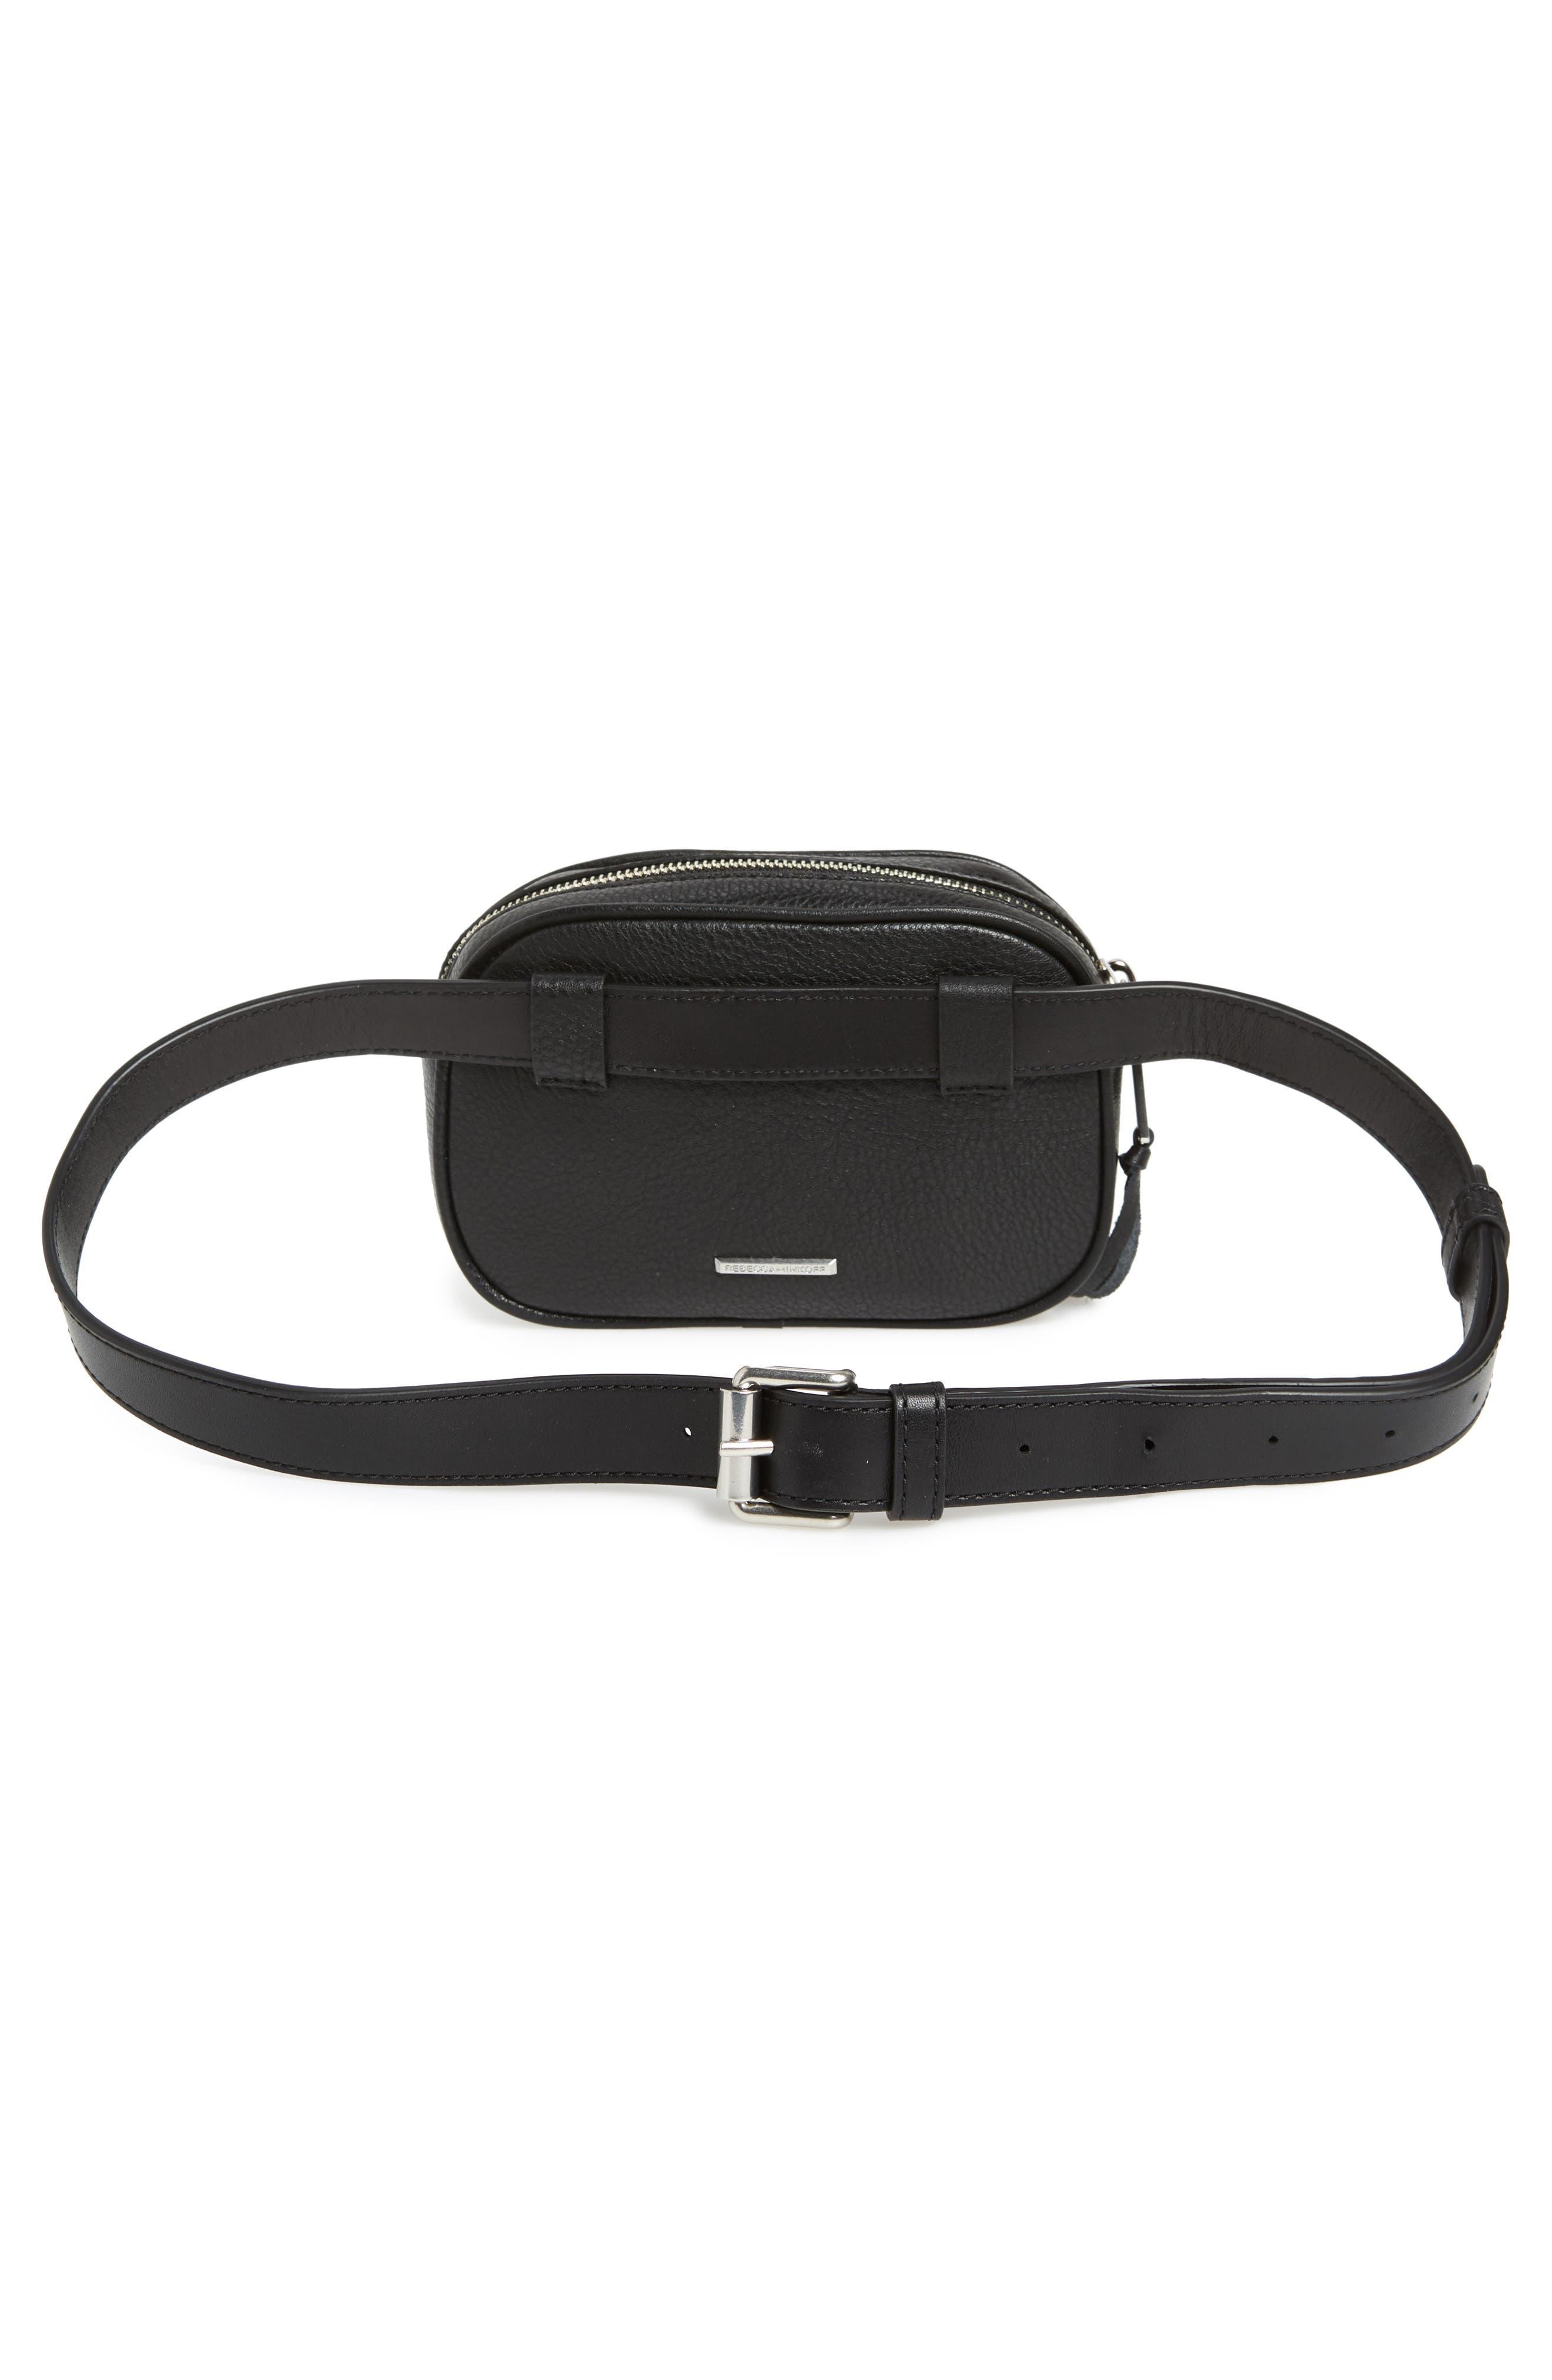 Blythe Leather Belt Bag,                             Alternate thumbnail 4, color,                             BLACK